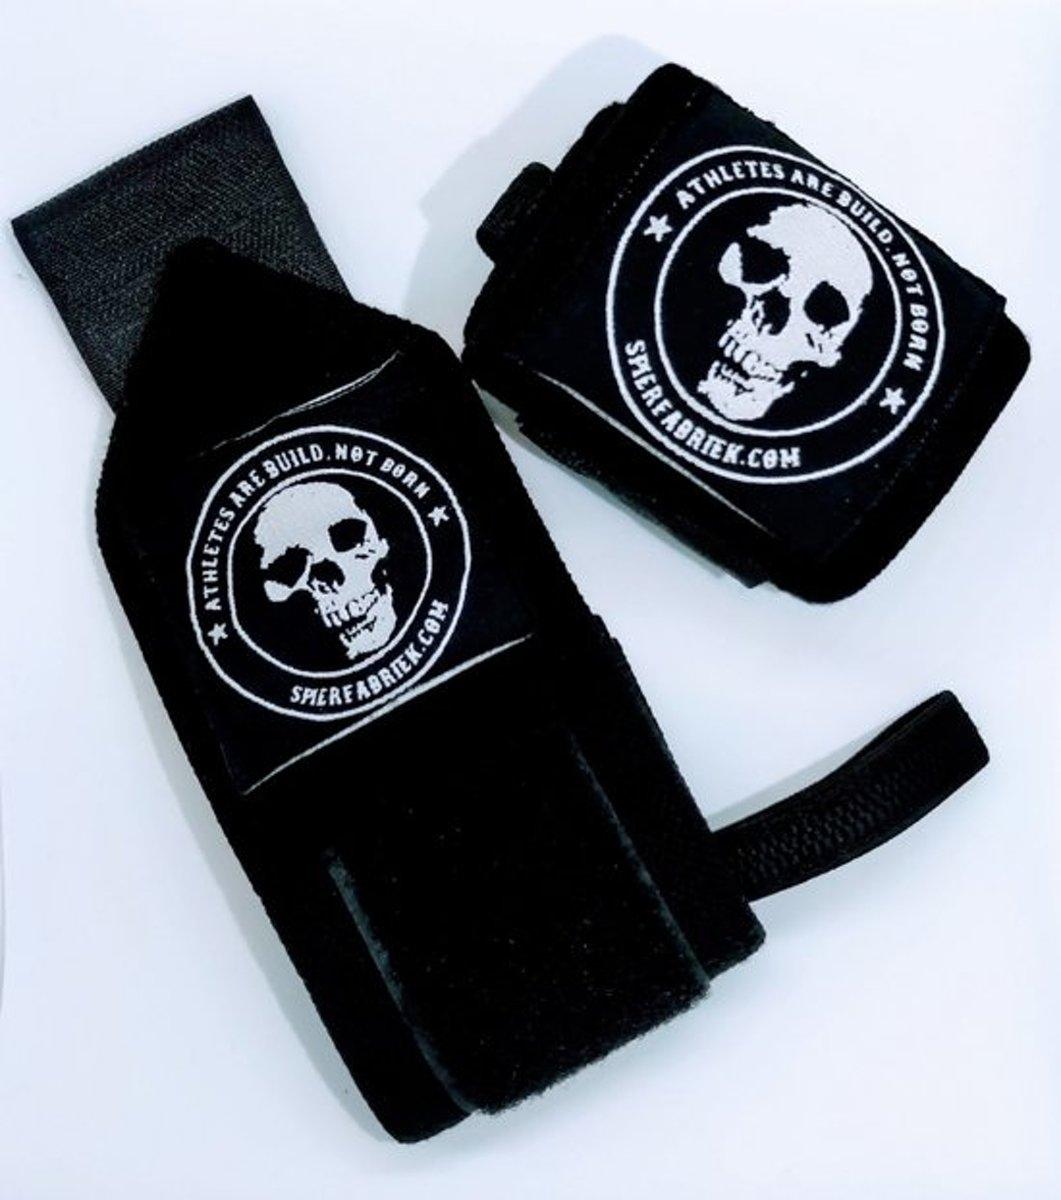 pols wraps - pols straps - wrist wraps basic - bodybuilding wraps - fitness wraps - wrist wraps - mr. merc pro (1 paar - zwart) kopen